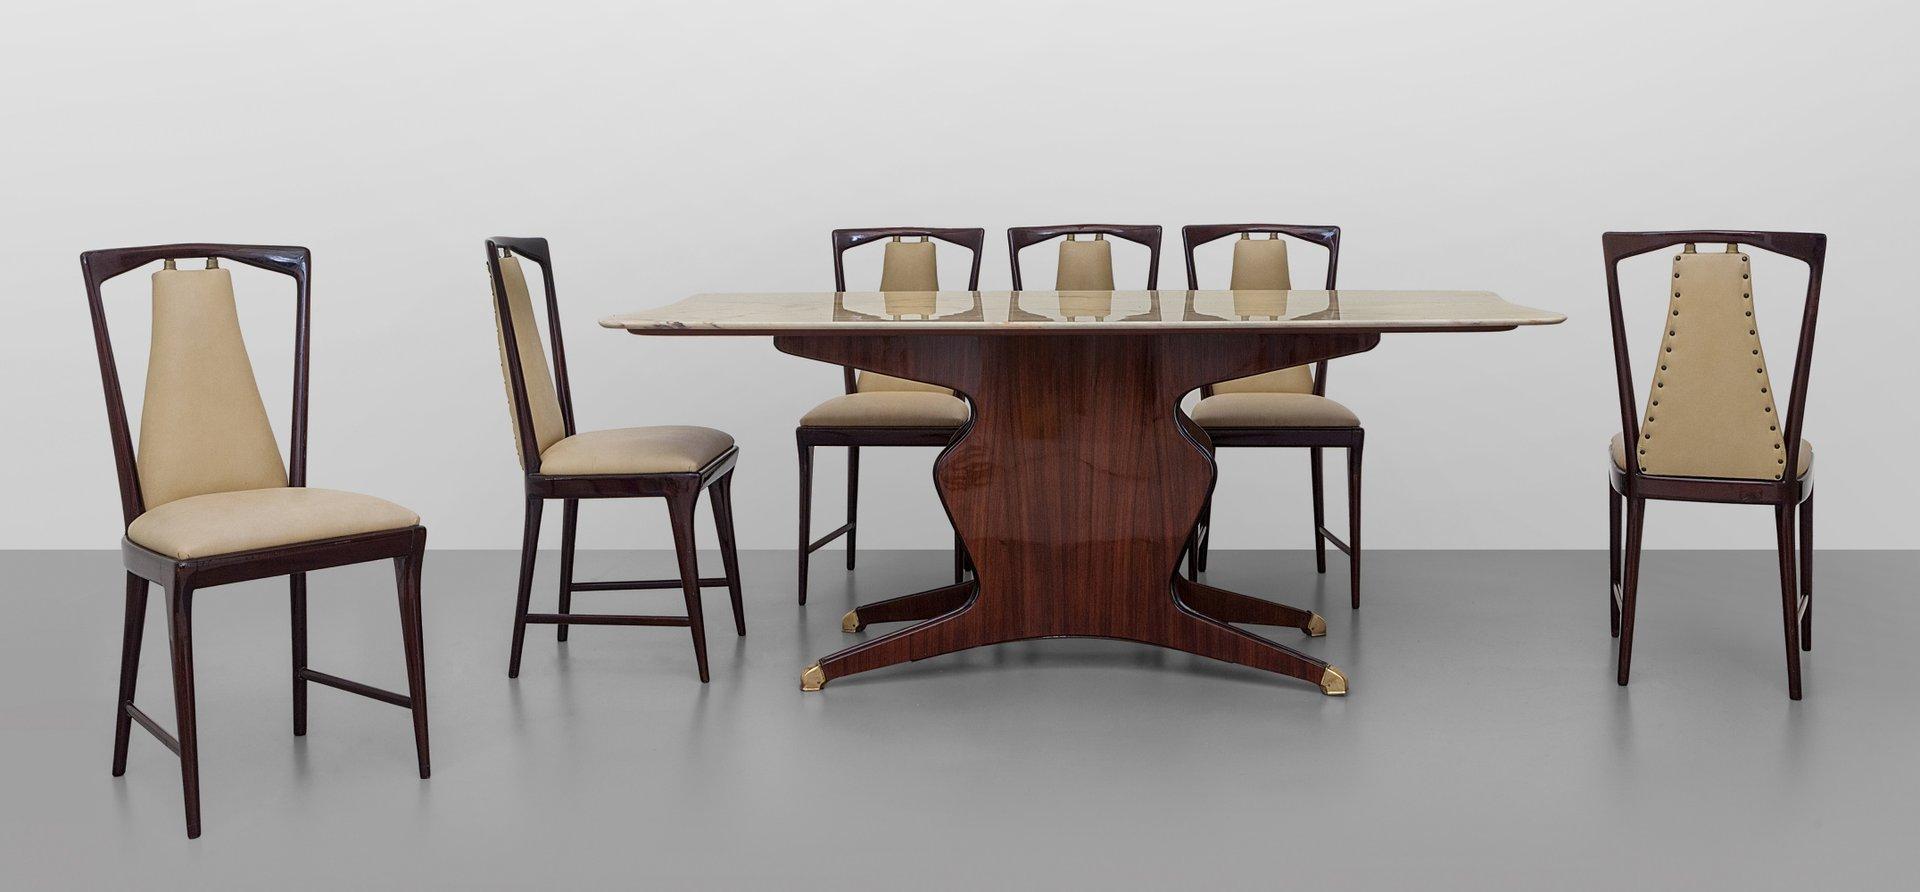 H lzerner esstisch mit tischplatte aus carrara marmor von for Esstisch aus marmor